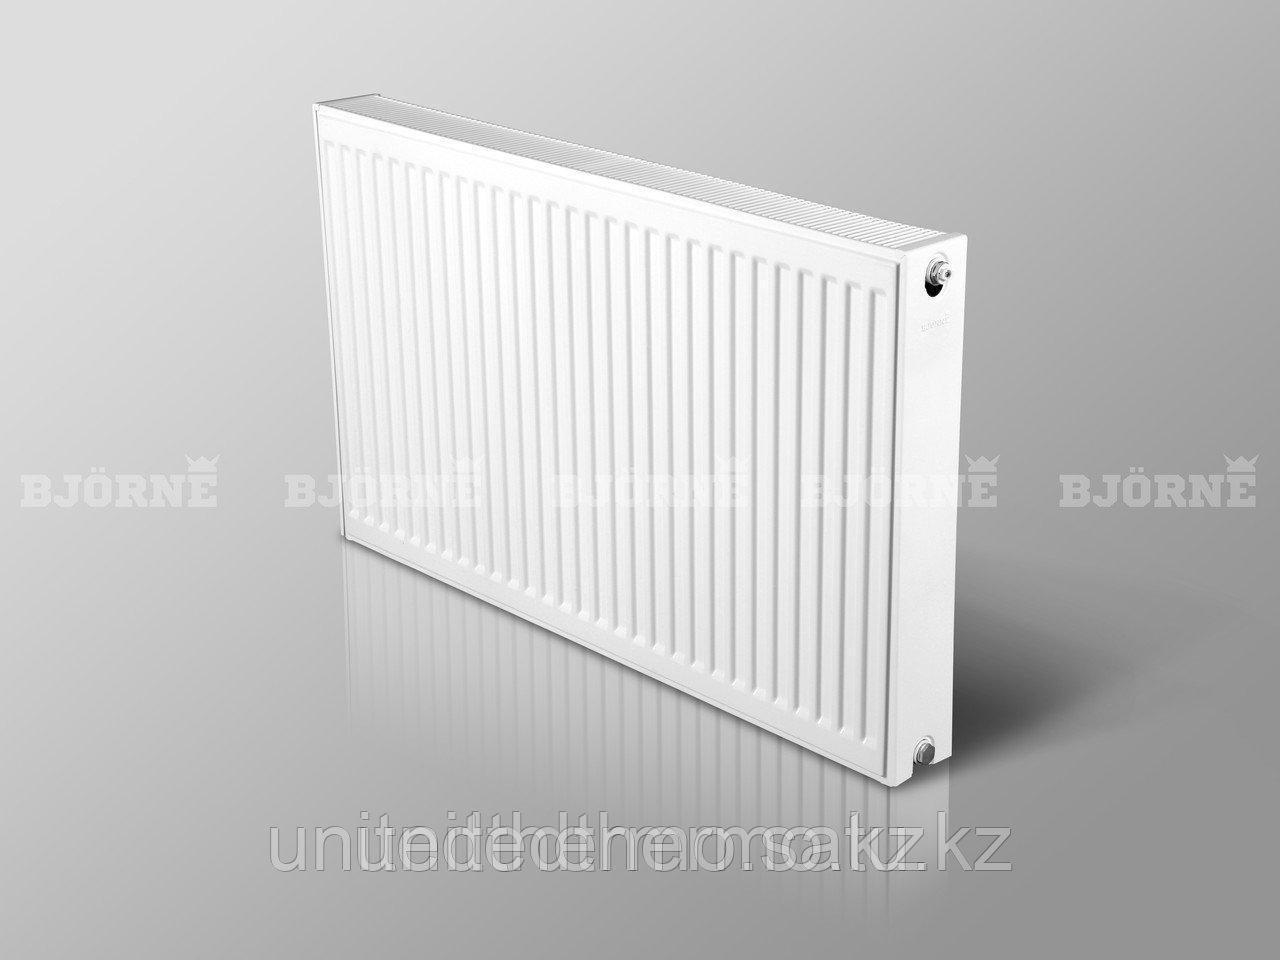 Стальной панельный радиатор Bjorne тип 11K H400мм*L400мм до L3000мм боковое подключение